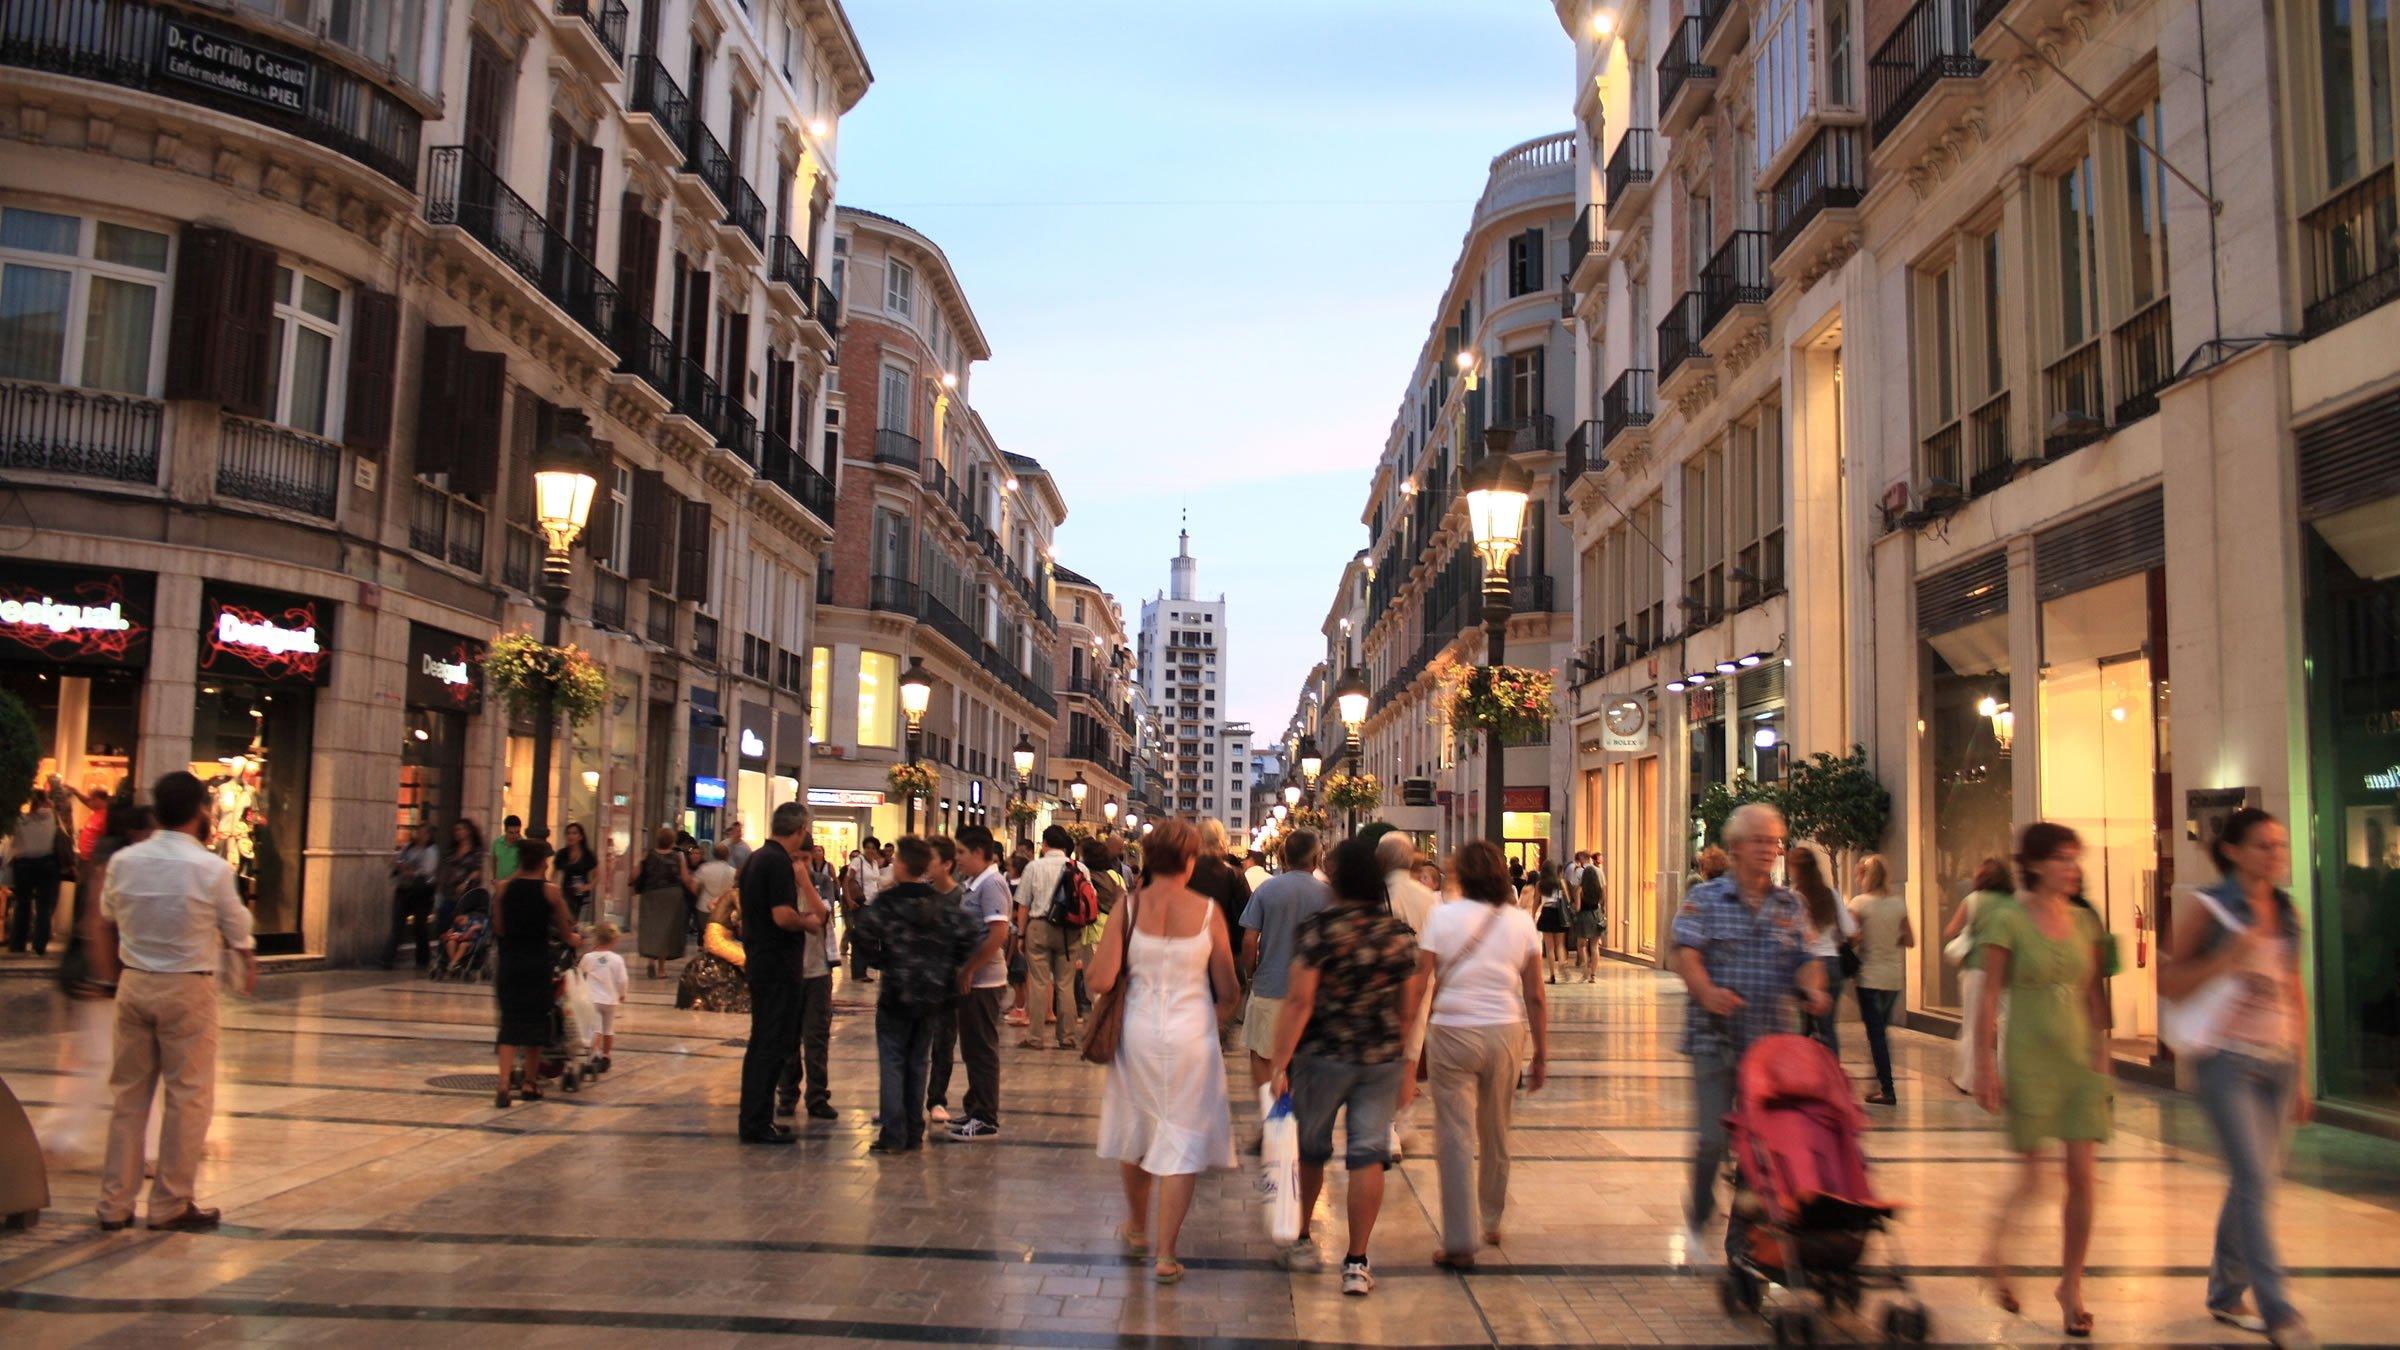 Calle larios la arteria principal de m laga - H m calle orense madrid ...